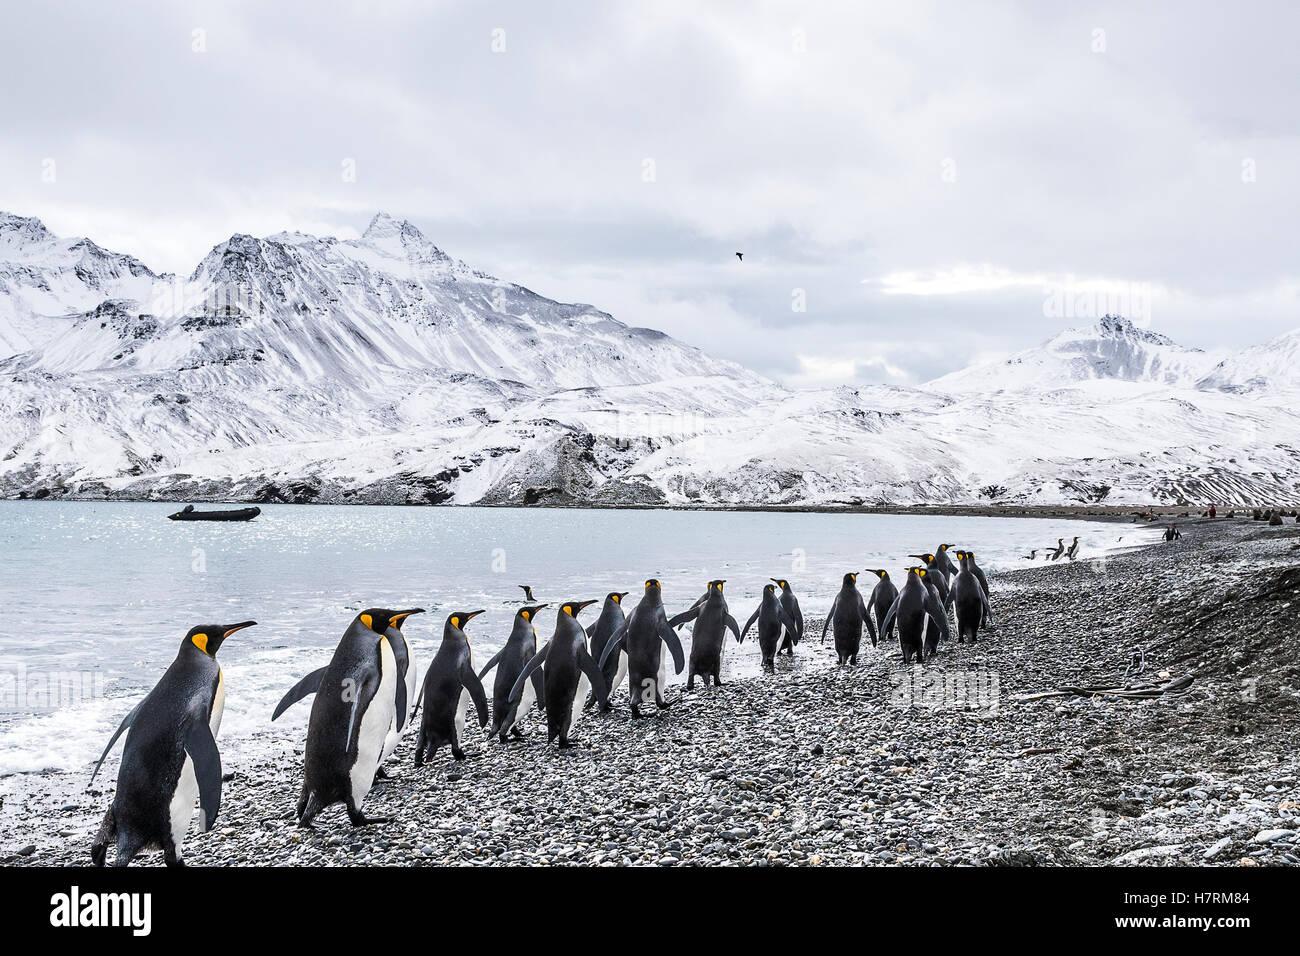 Le manchot royal (Aptenodytes patagonicus) marcher dans une rangée au bord de l'eau et d'un zodiac Photo Stock